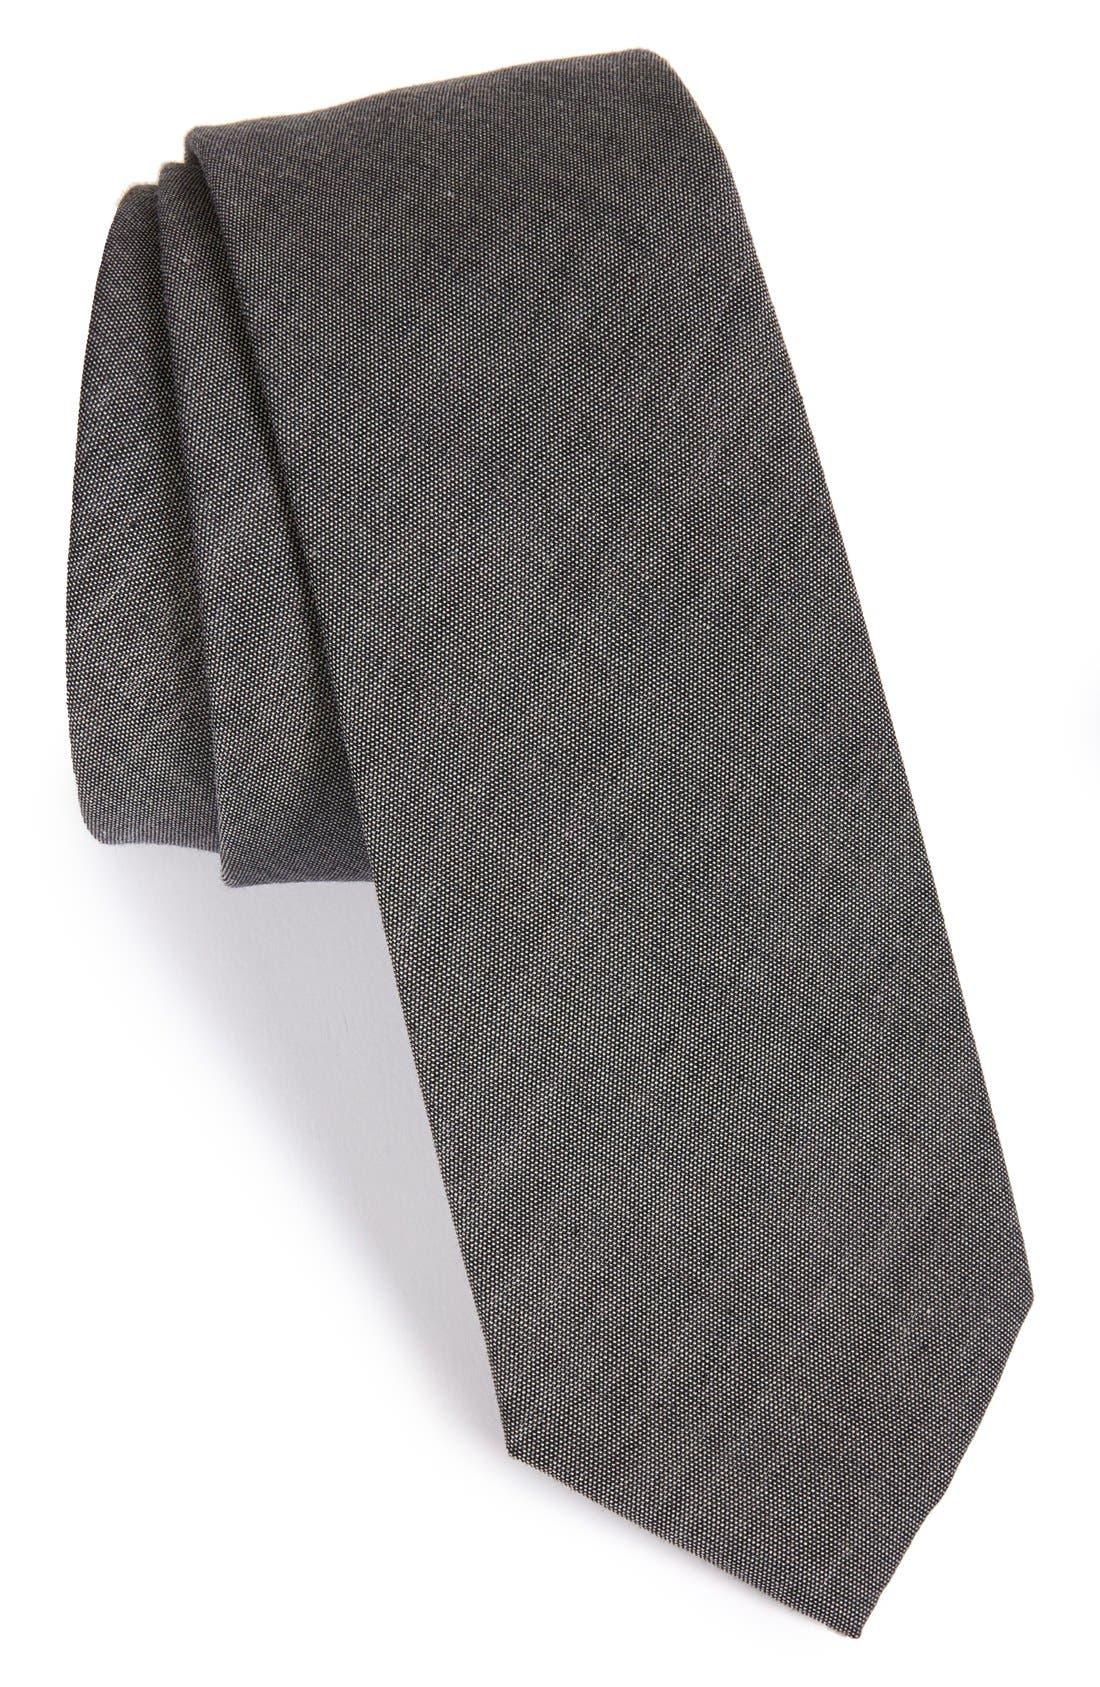 THE TIE BAR Cotton Tie, Main, color, WARM GREY